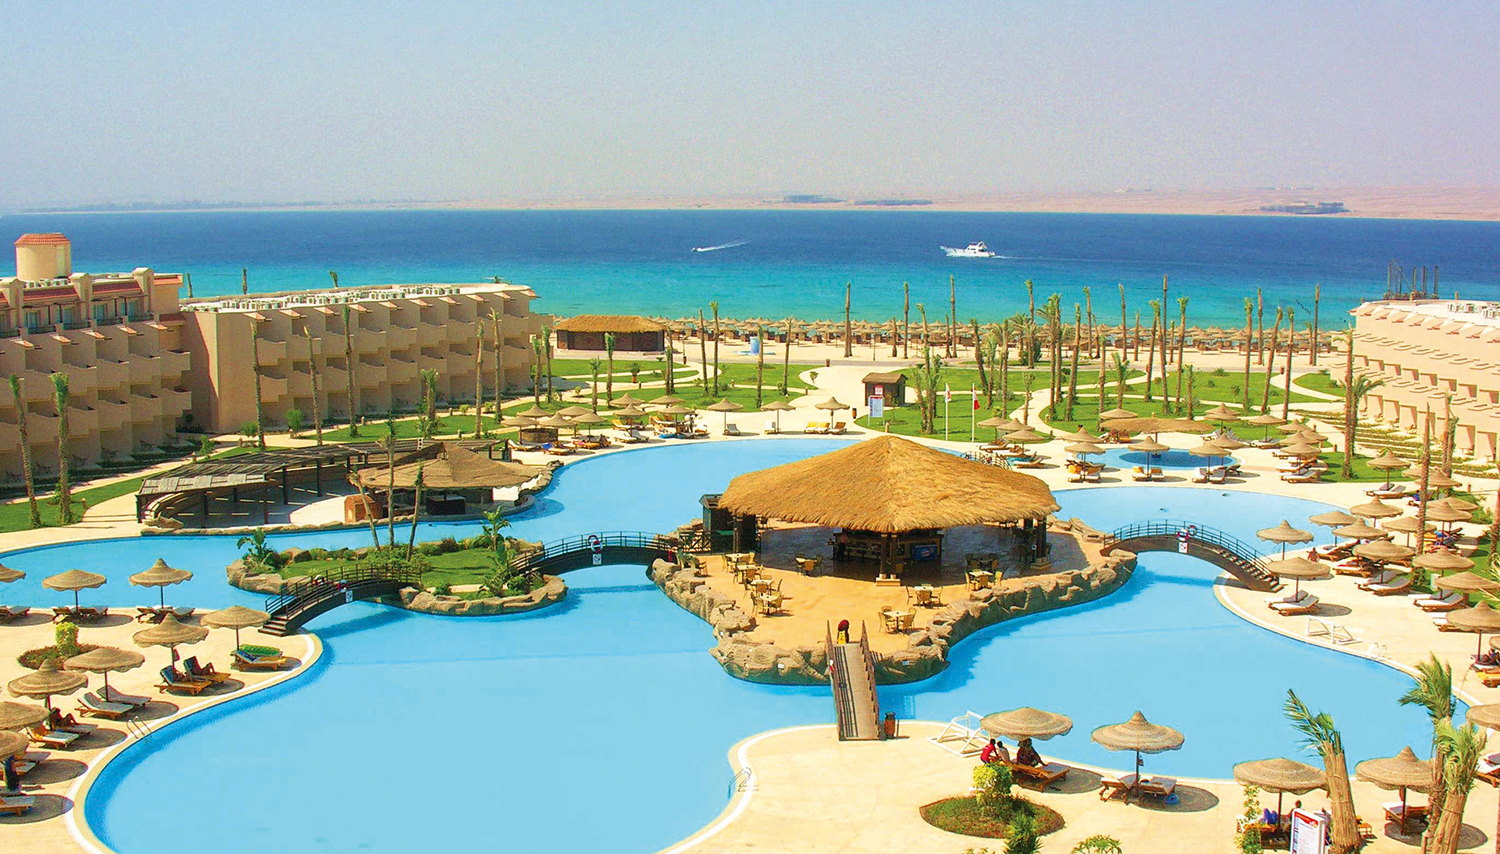 Pyramisa Sahl Hasheesh hotell (Hurghada, Egiptus)